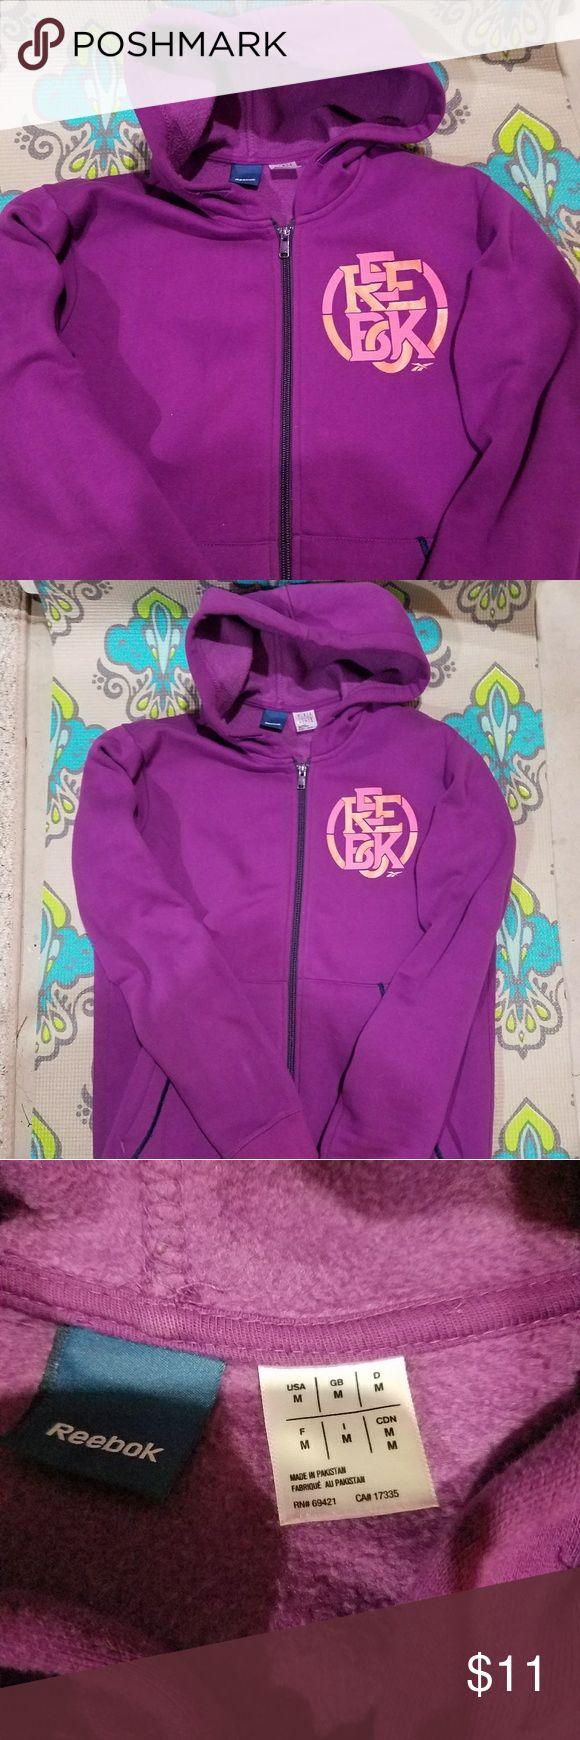 Reebok zip up sweater Women's purple Reebok zip up sweater, fleece lined inside Reebok Sweaters